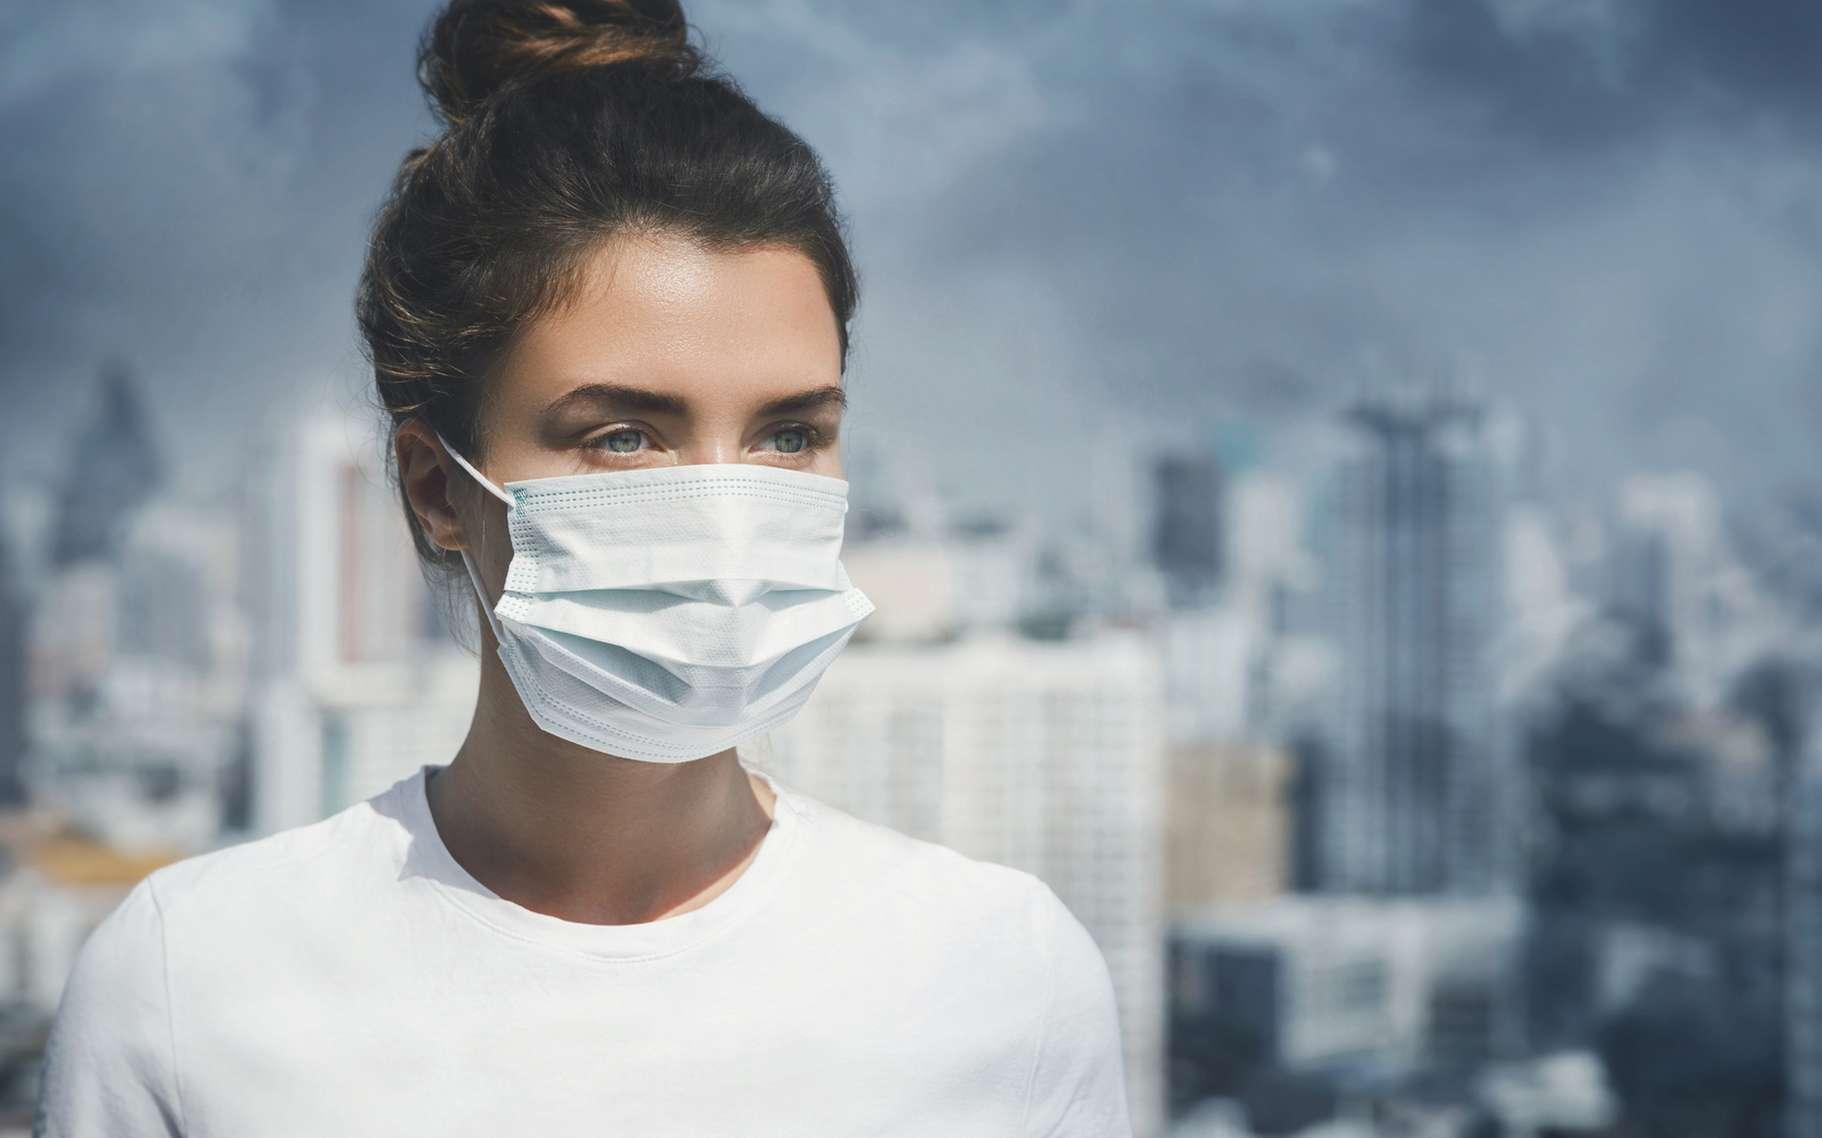 La pollution urbaine entraîne de nombreuses visites aux urgences. © Blackday, Fotolia